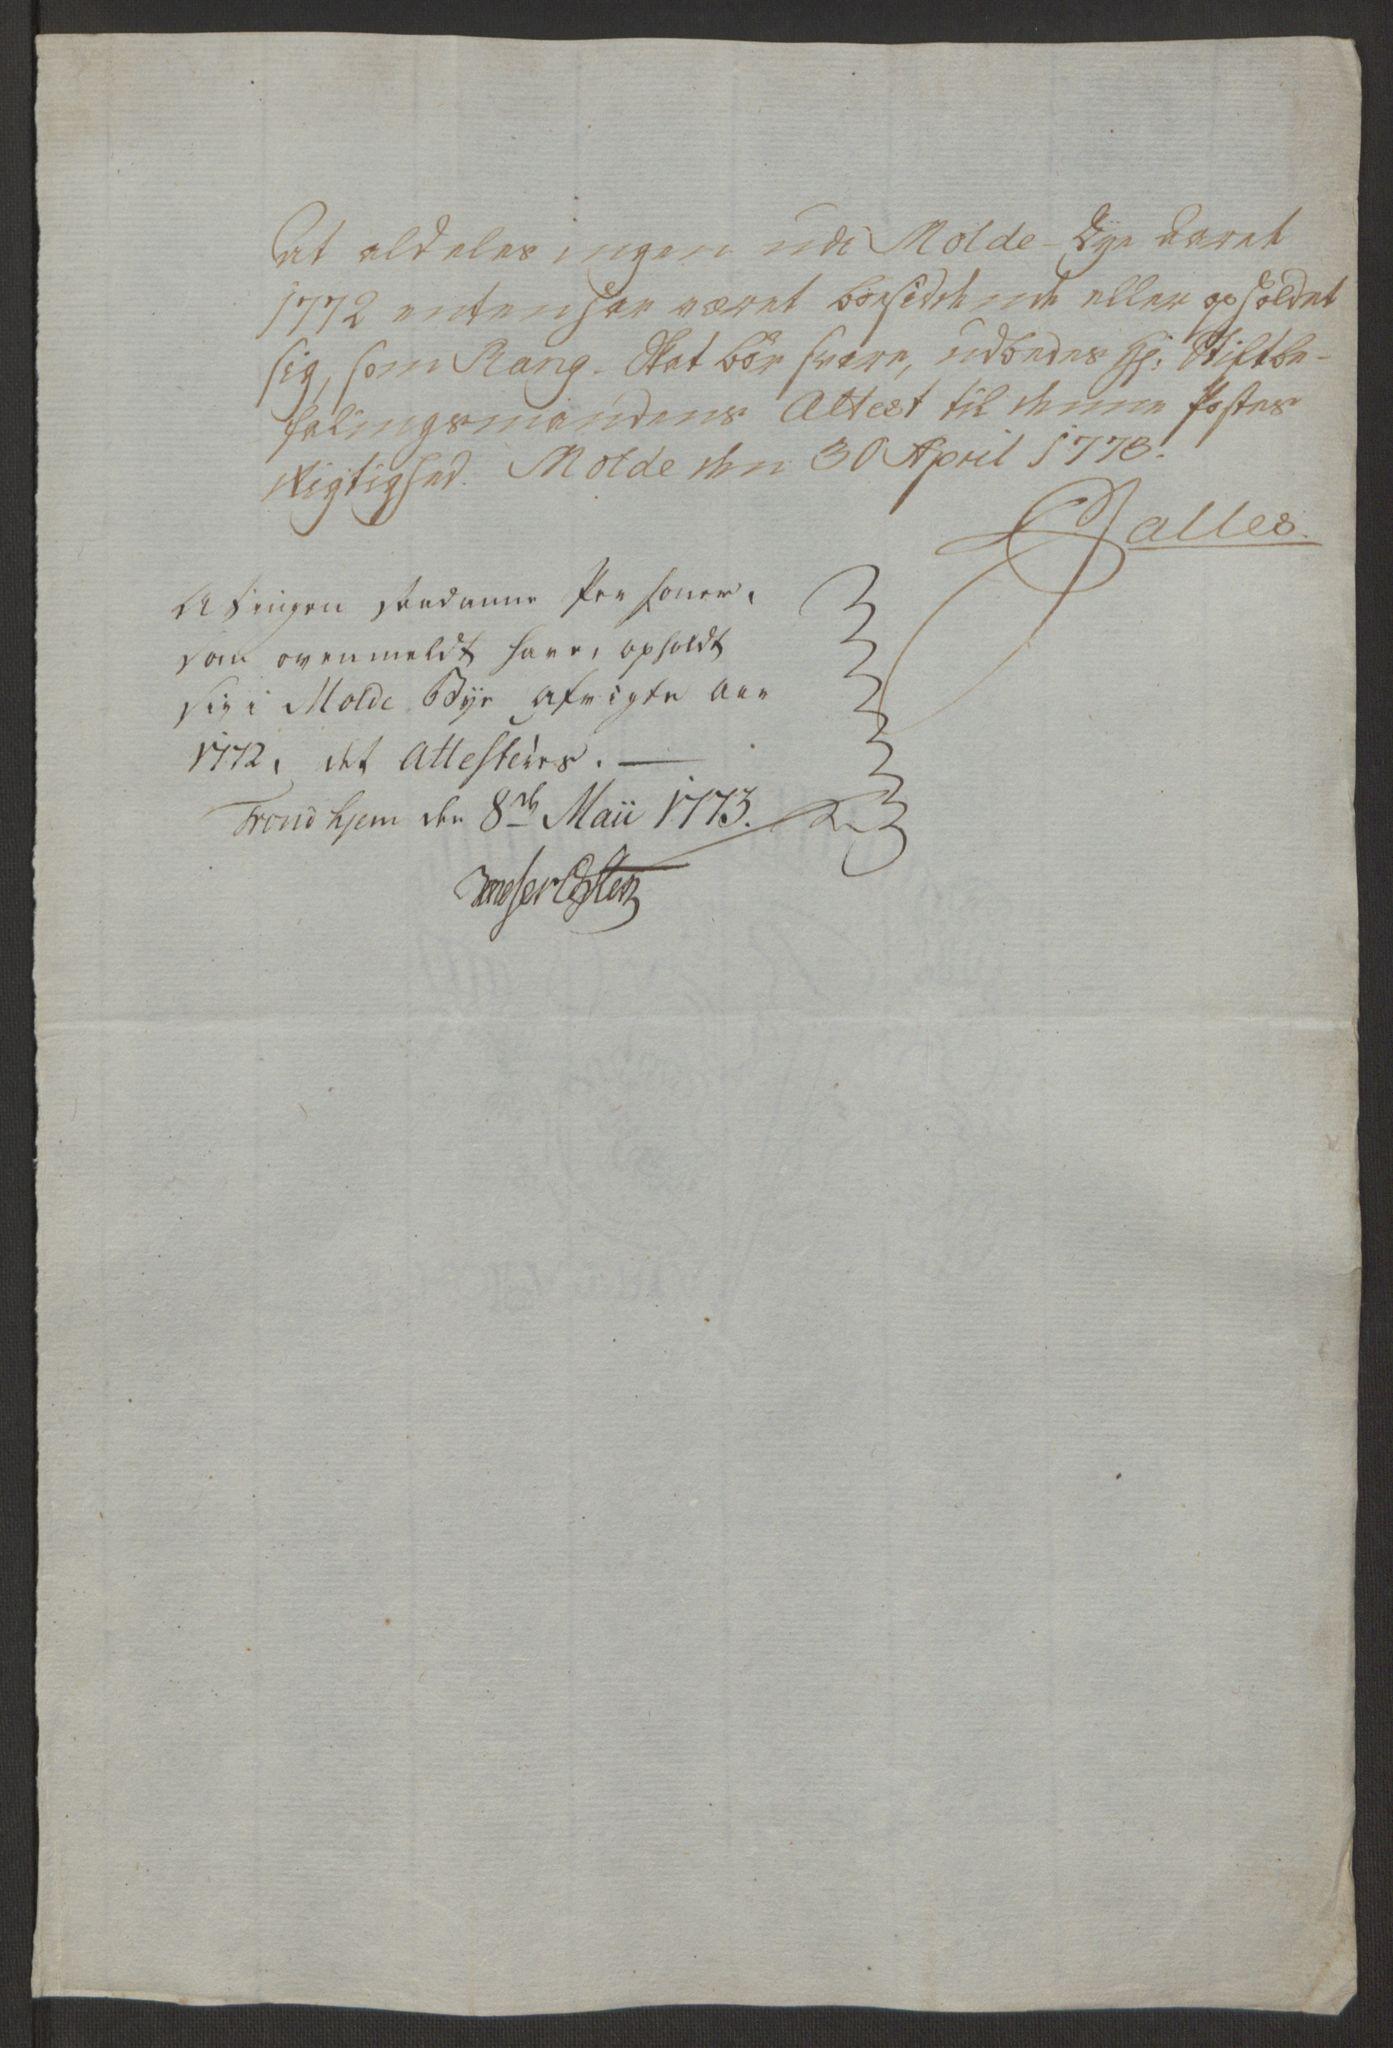 RA, Rentekammeret inntil 1814, Reviderte regnskaper, Byregnskaper, R/Rq/L0487: [Q1] Kontribusjonsregnskap, 1762-1772, s. 221